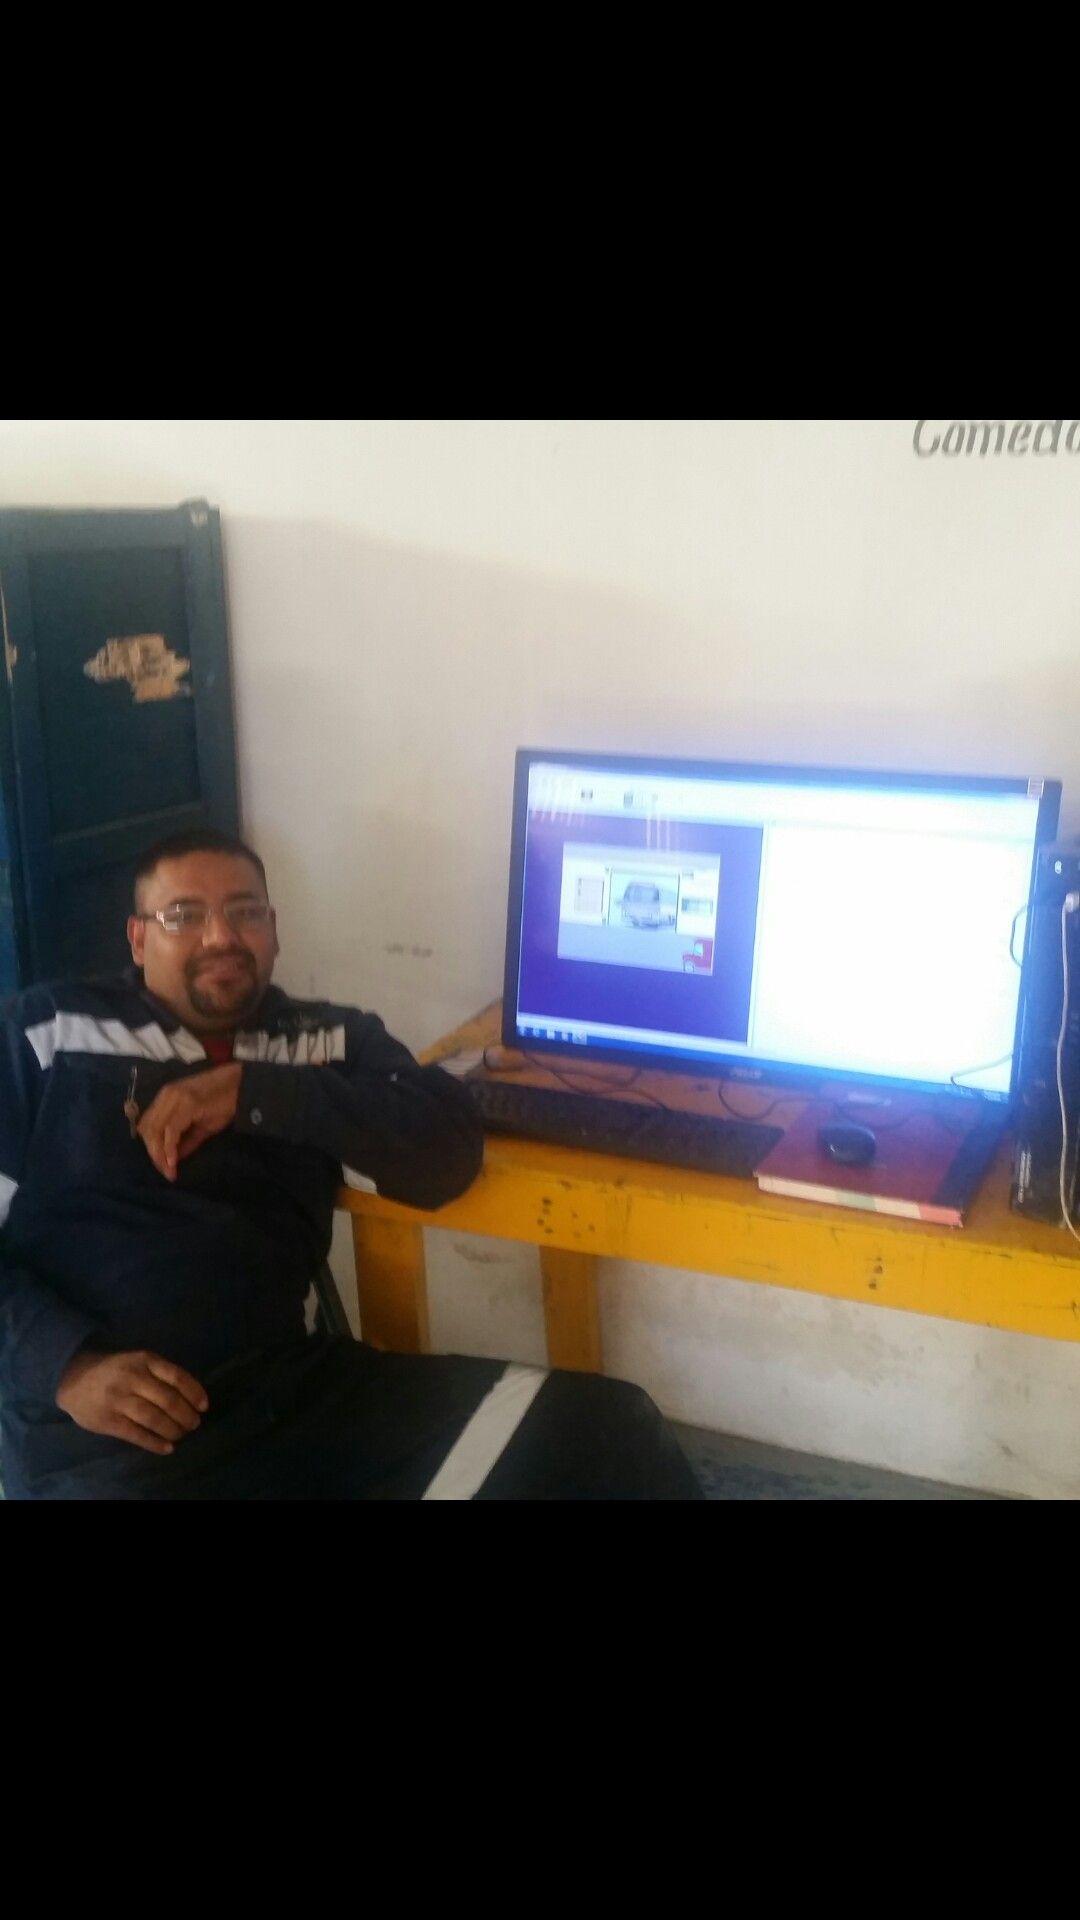 Curso de Programacion PLC en escalera con simulador Logixpro500, por parte de su servidor.